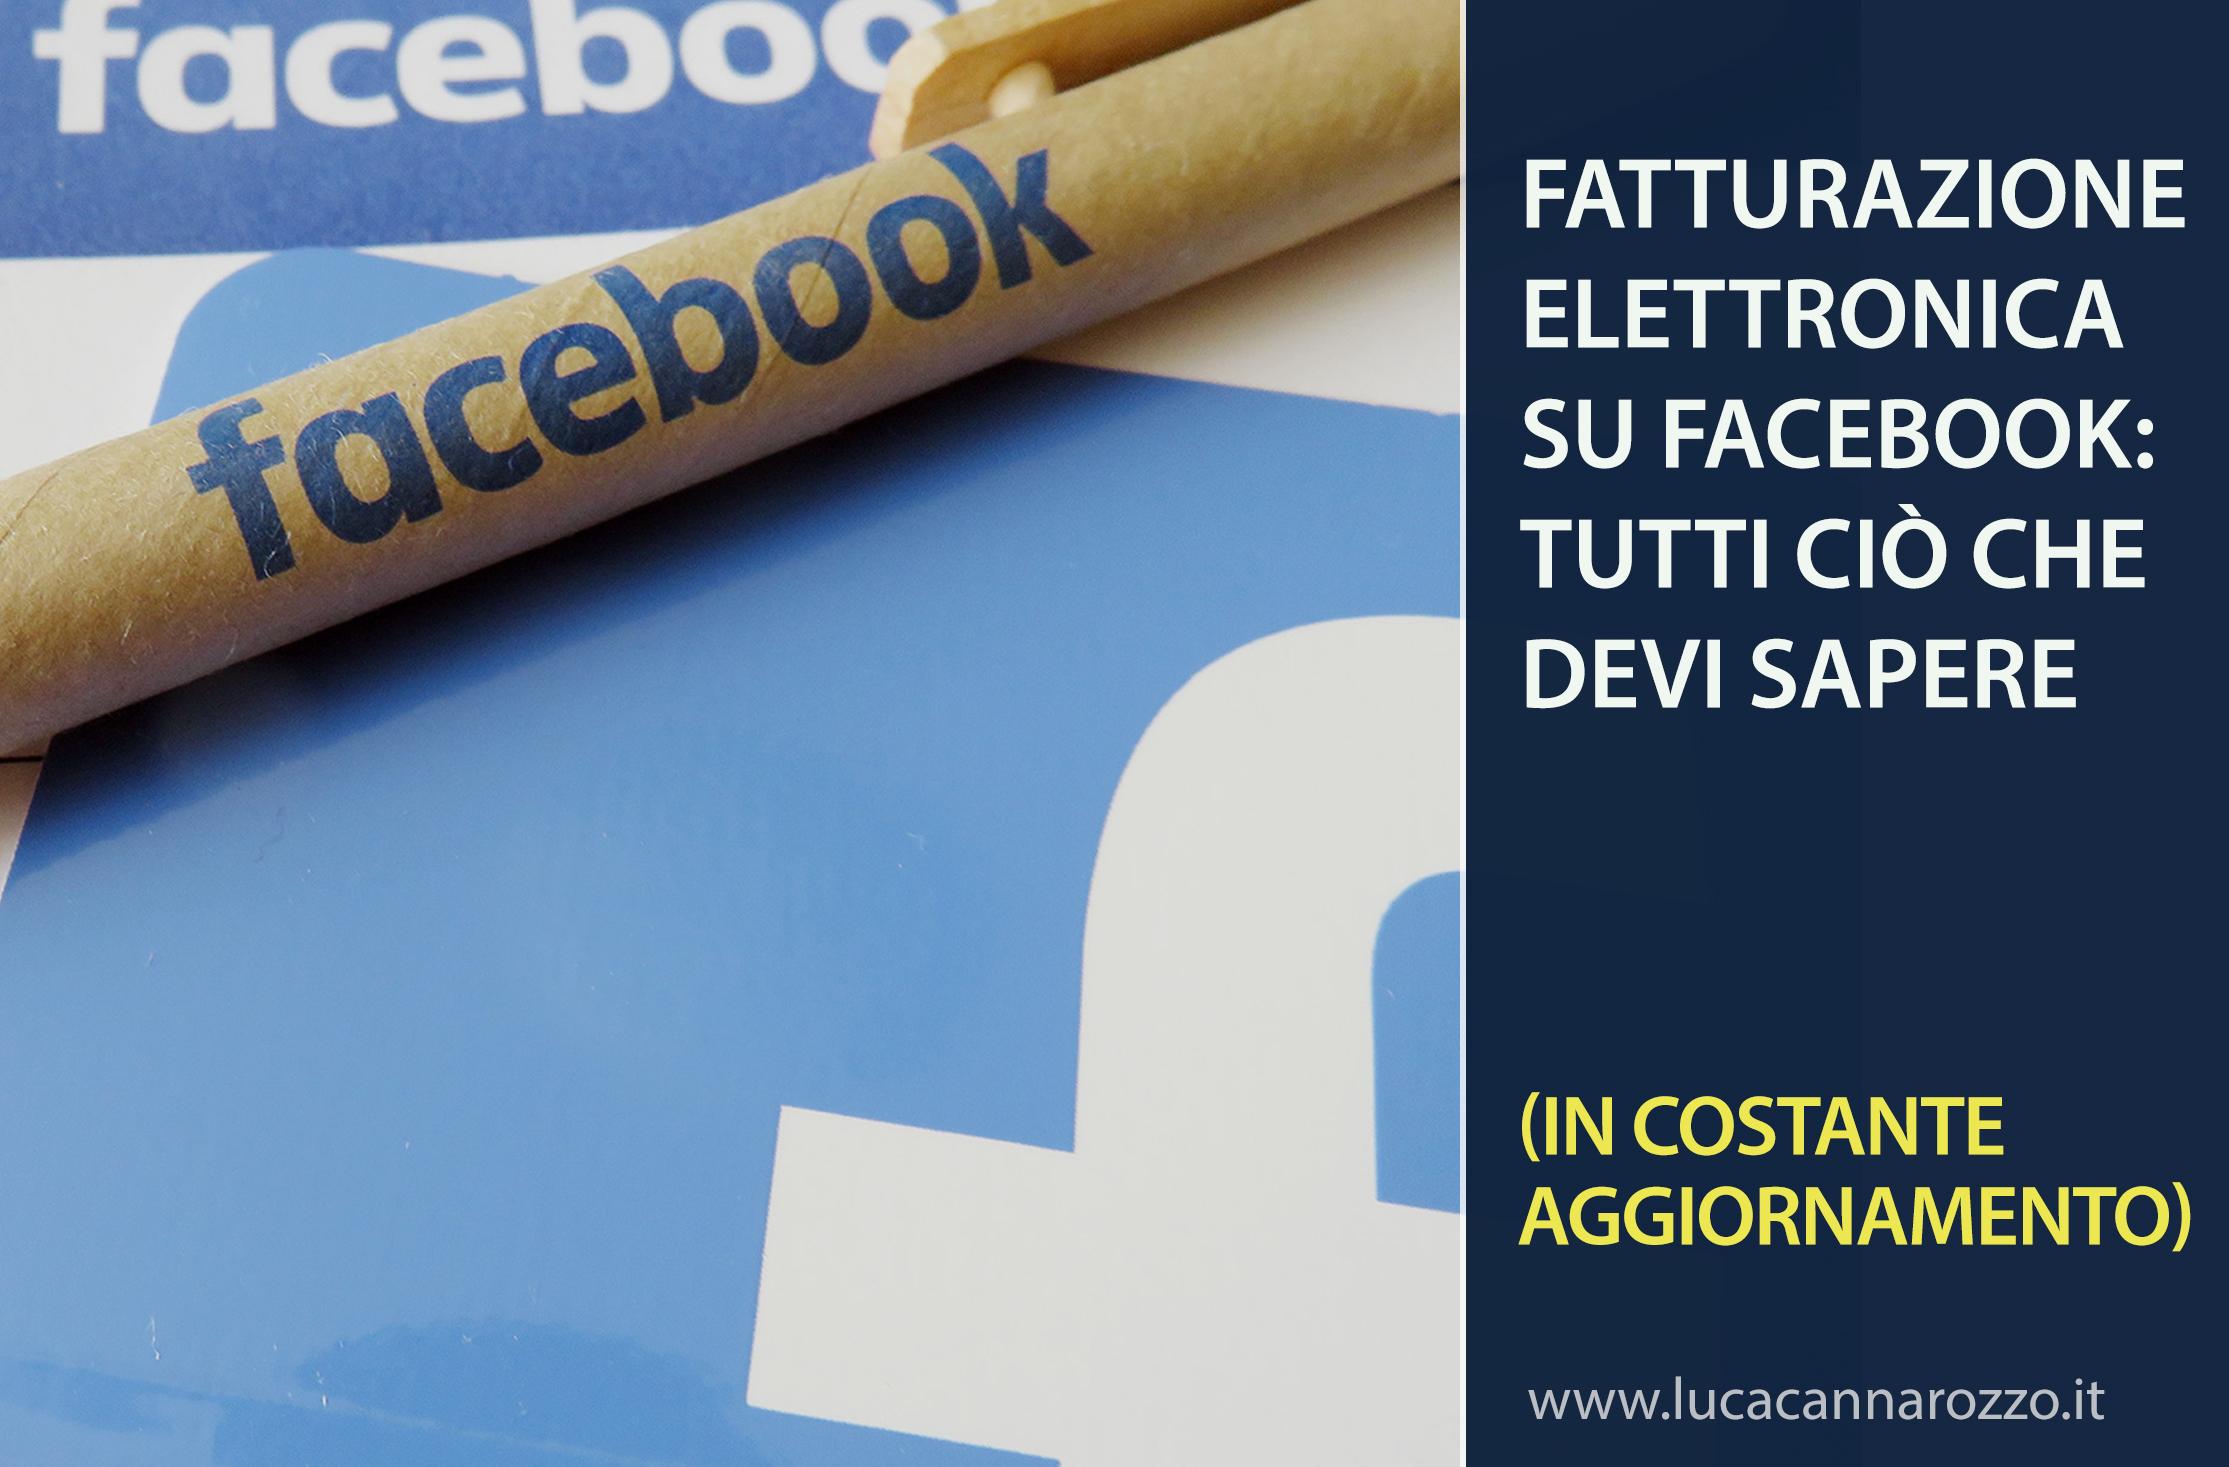 Fatturazione elettronica su Facebook